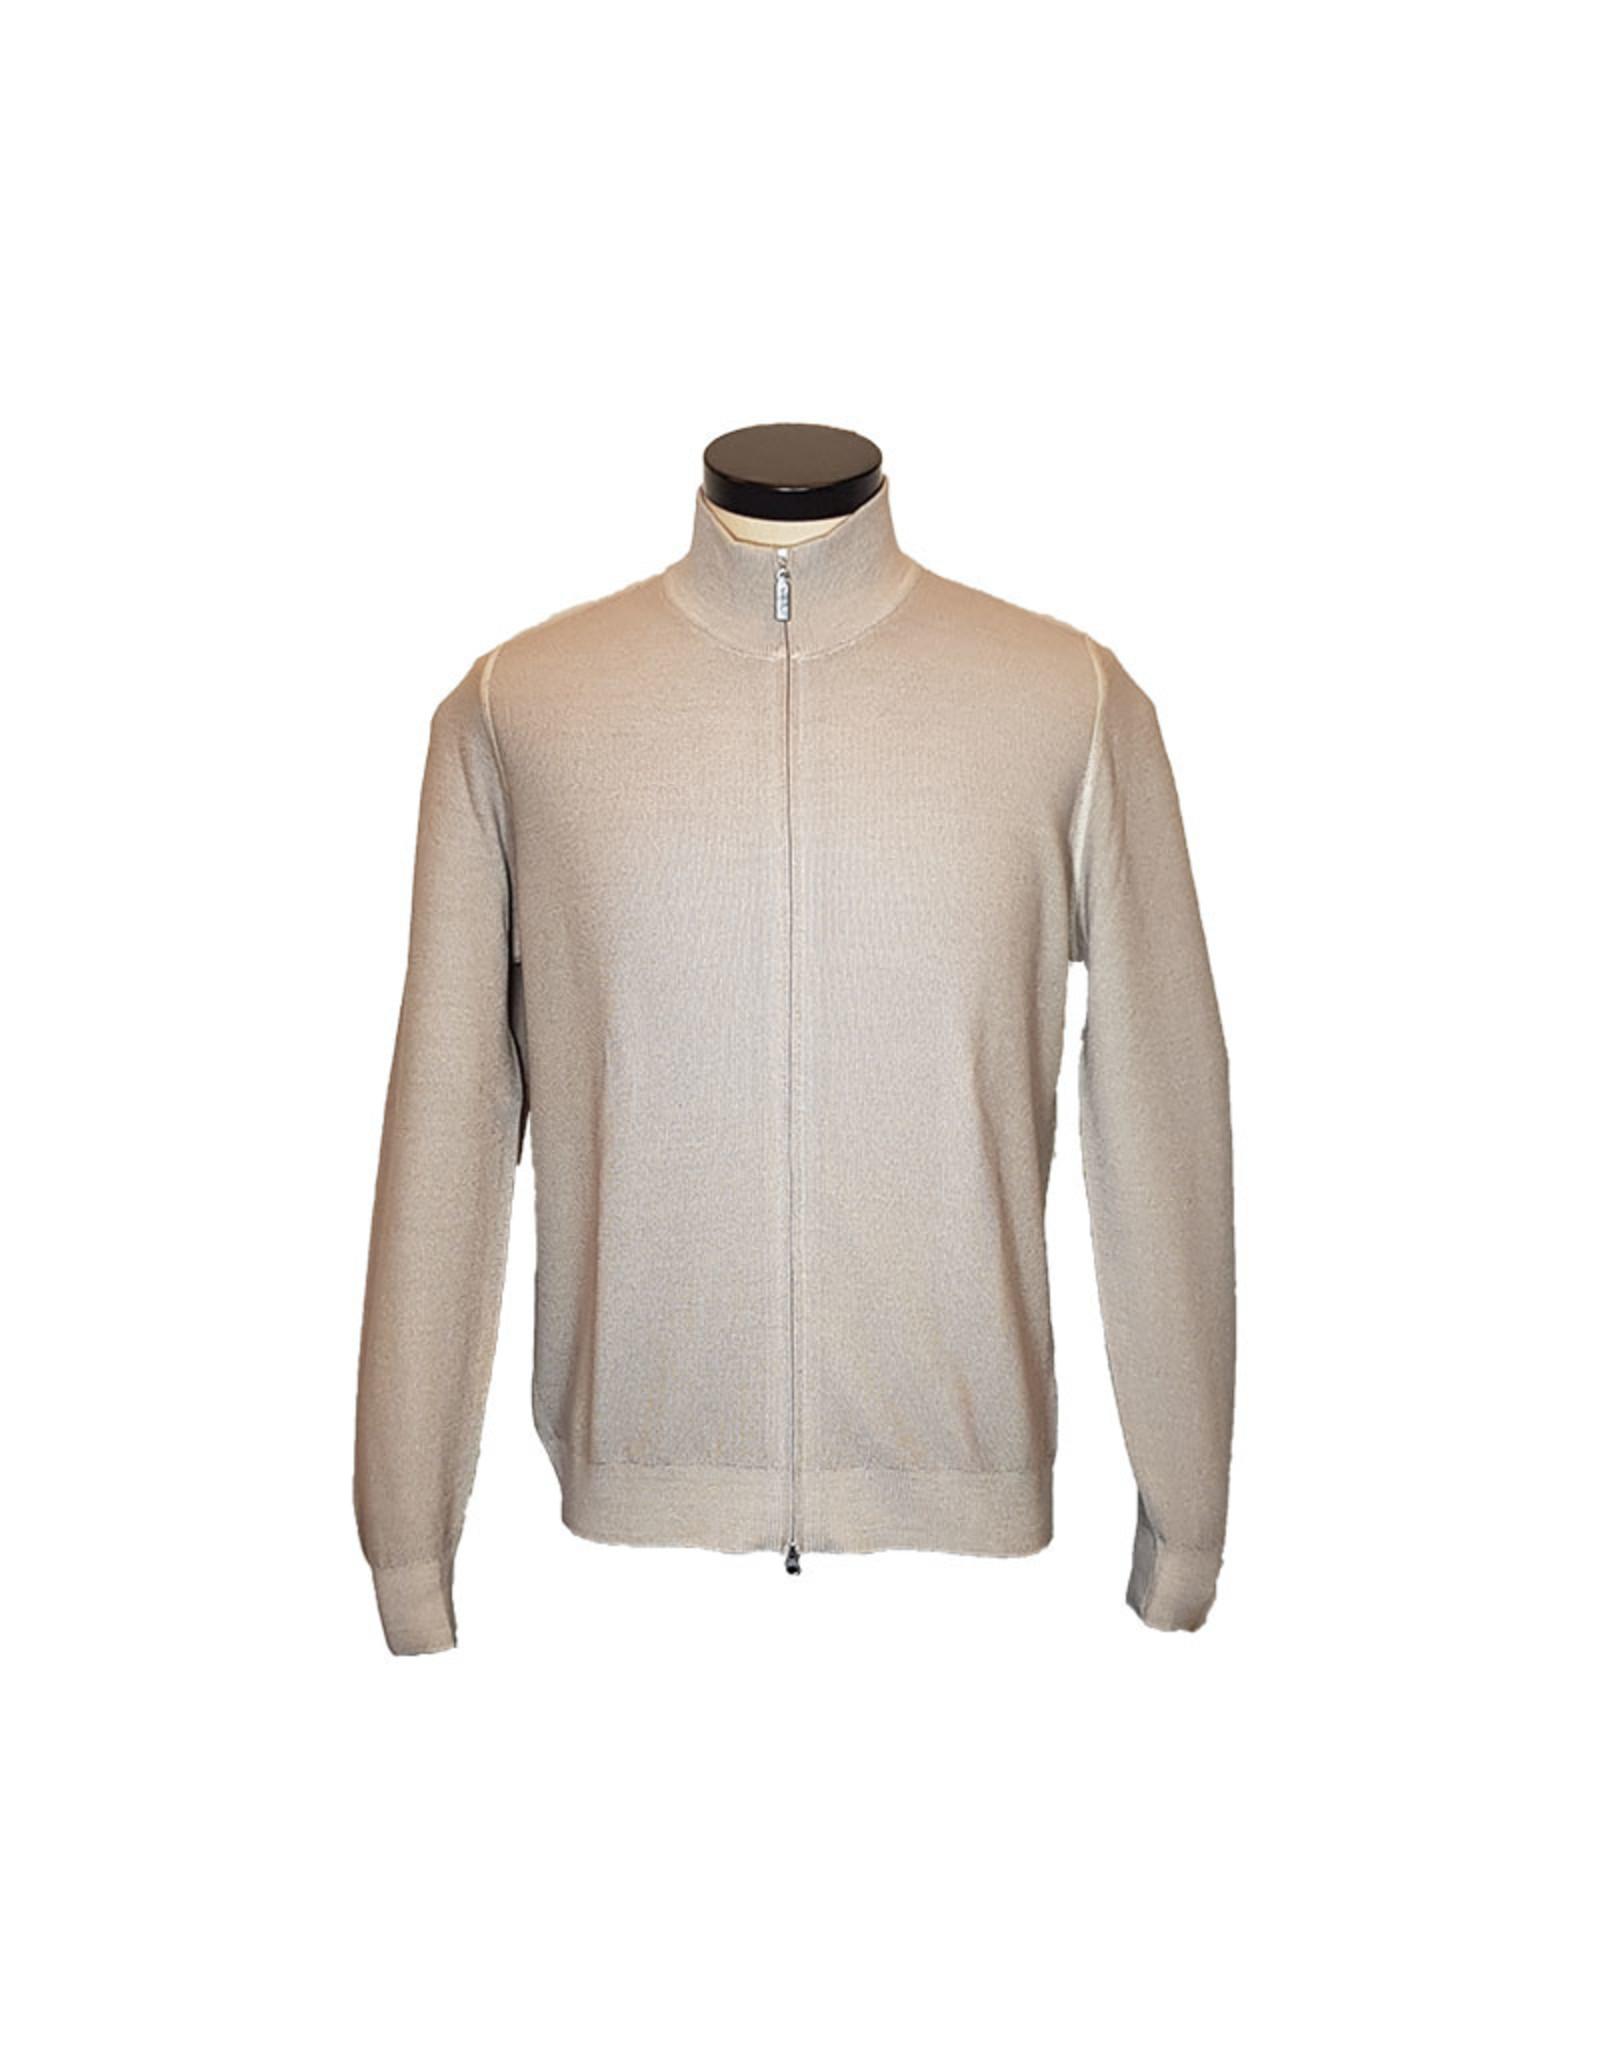 Gran Sasso Sandmore's cardigan beige 22794/204 M:58196